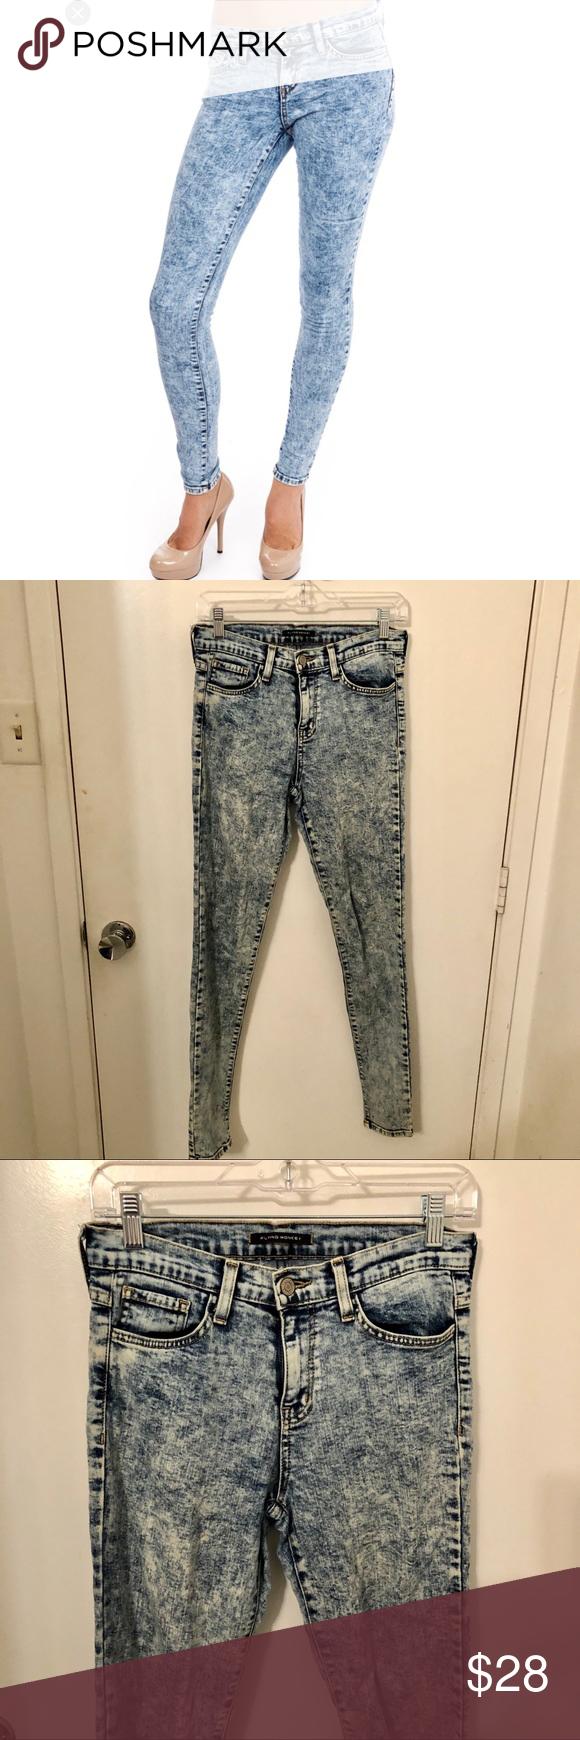 Flying Monkey acid wash stretch skinny jeans 28